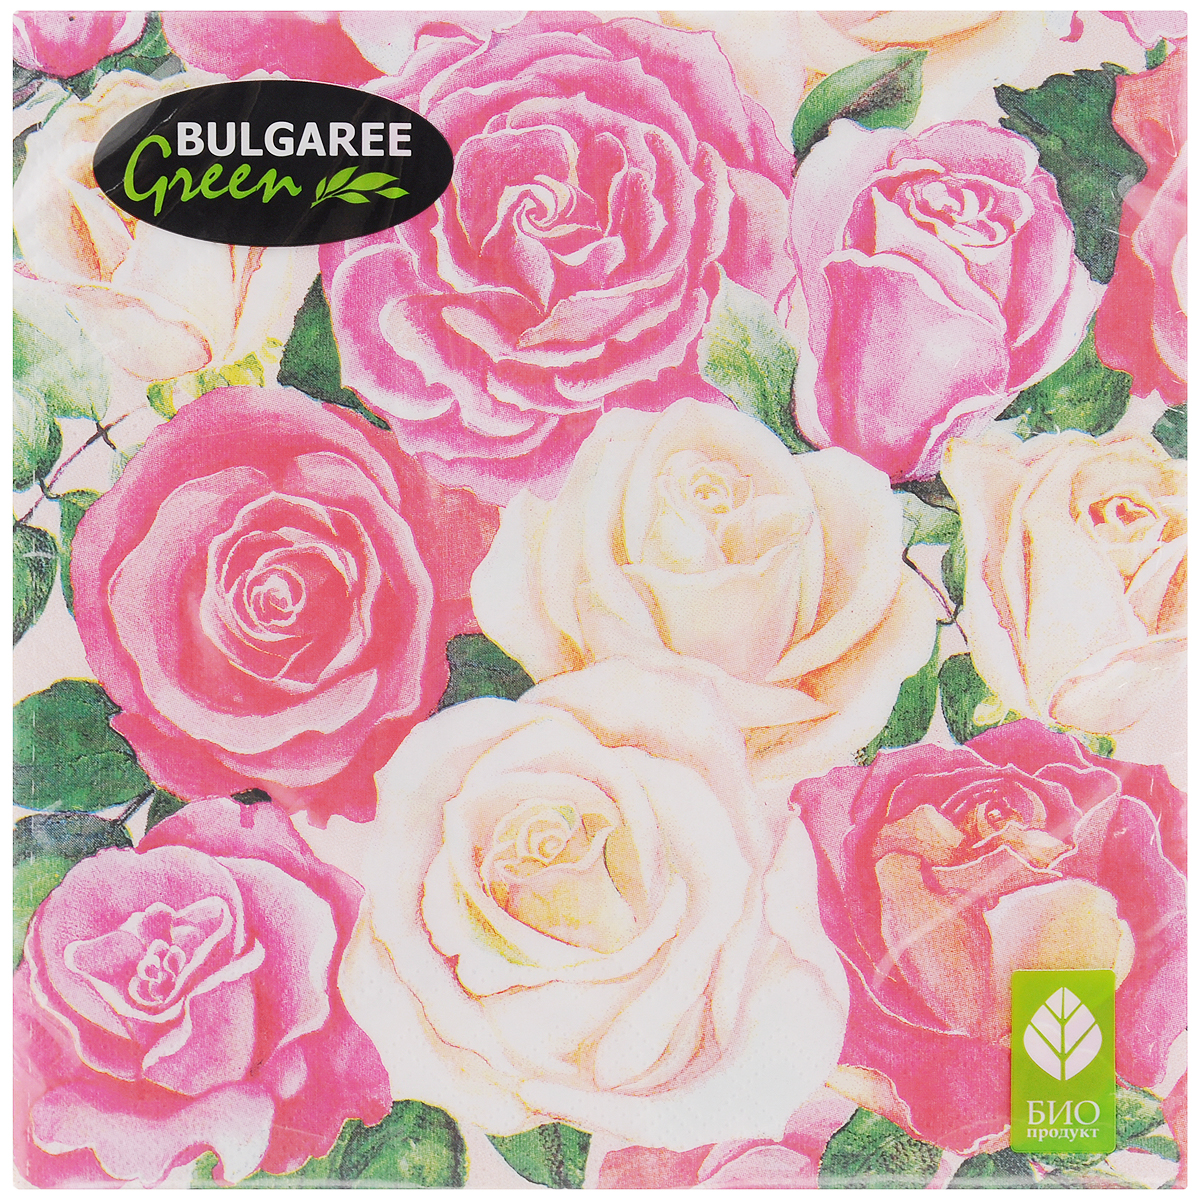 Салфетки бумажные Bulgaree Green Розовый букет, трехслойные, 33 х 33 см, 20 шт471113Трехслойные салфетки Bulgaree Green Розовый букет выполнены из 100%целлюлозы и оформлены красивым рисунком. Изделия станут отличным дополнением любого праздничного стола. Они отличаются необычной мягкостью, прочностью и оригинальностью.Размер салфеток в развернутом виде: 33 х 33 см.